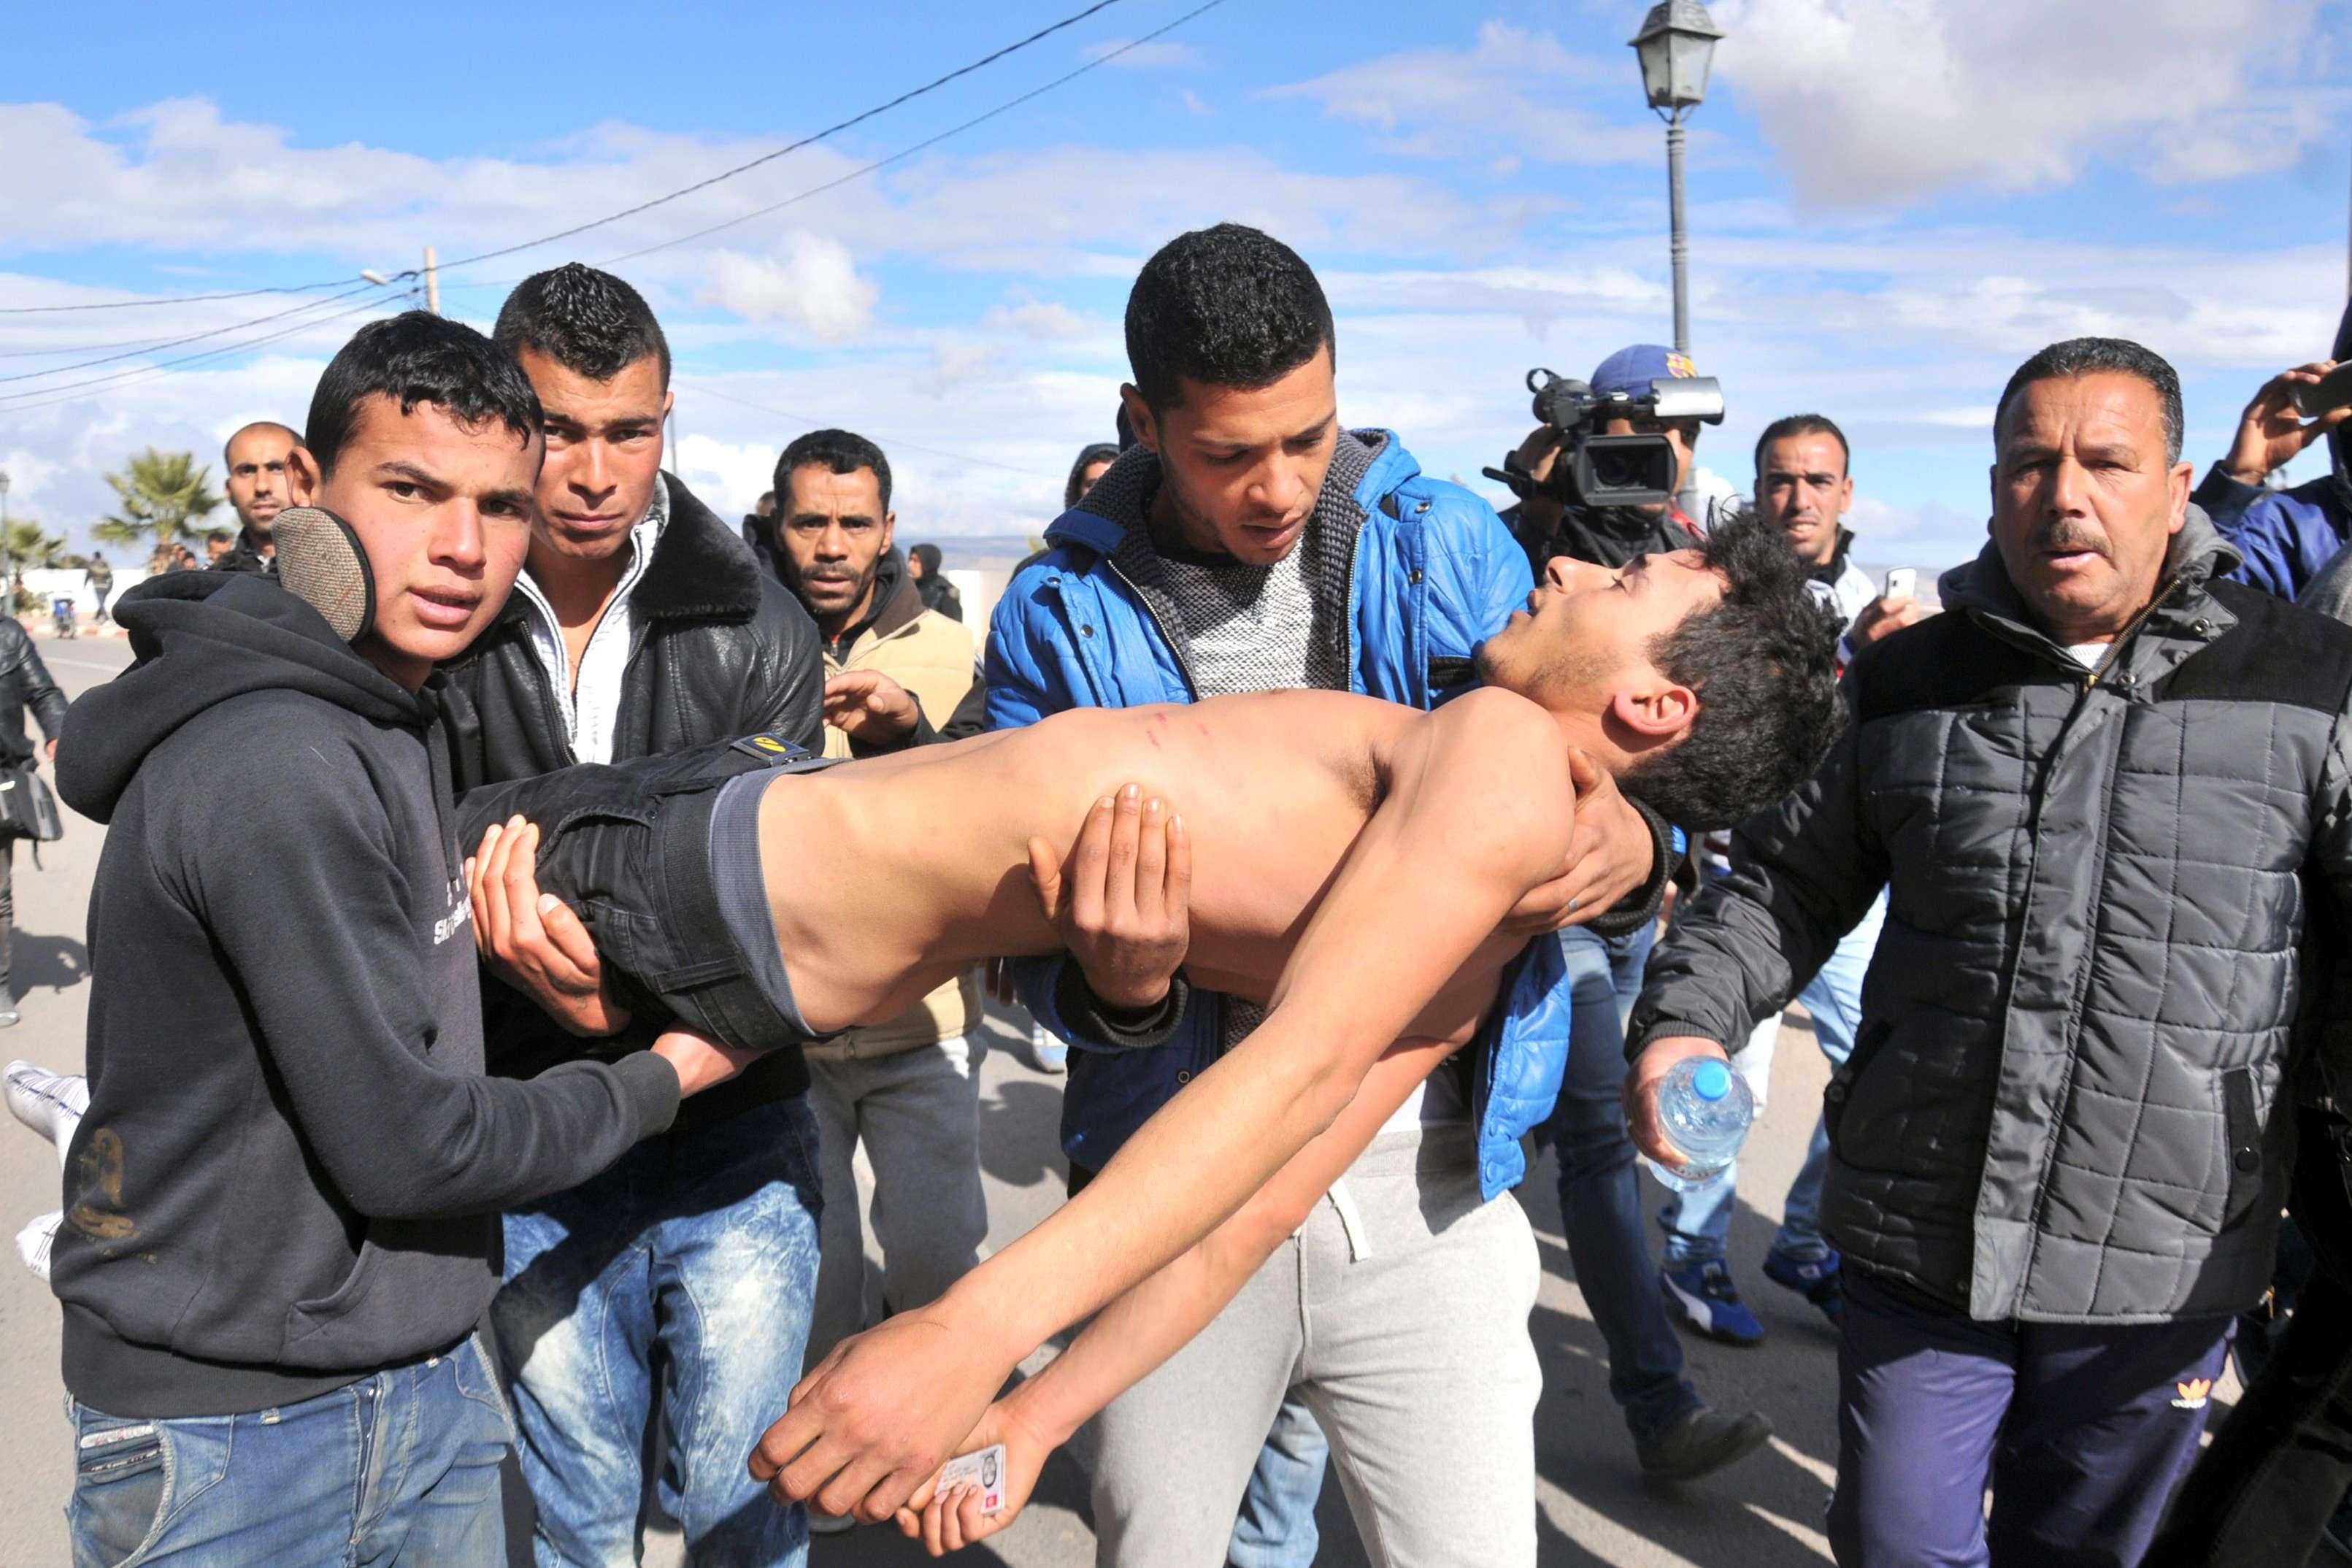 Un jeune homme, présenté comme ayant tenté de mettre fin à ses jours, est transporté afin de recevoir une assistance médicale, à Kasserine, le 22 janvier.